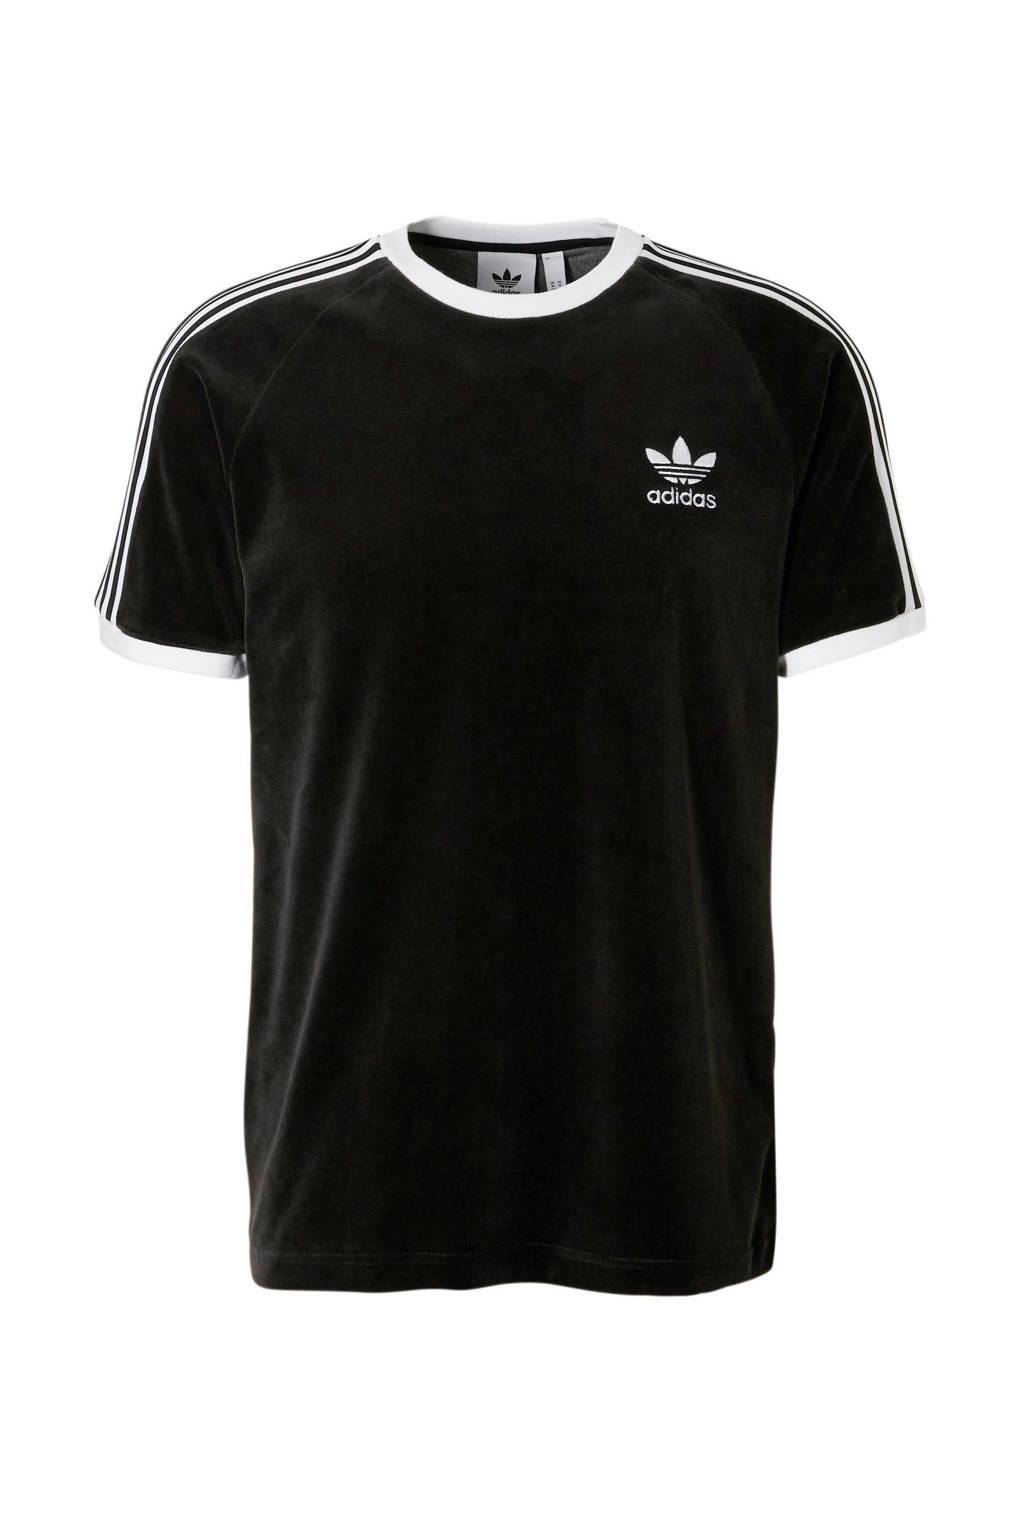 adidas originals   T-shirt zwart, Zwart/wit